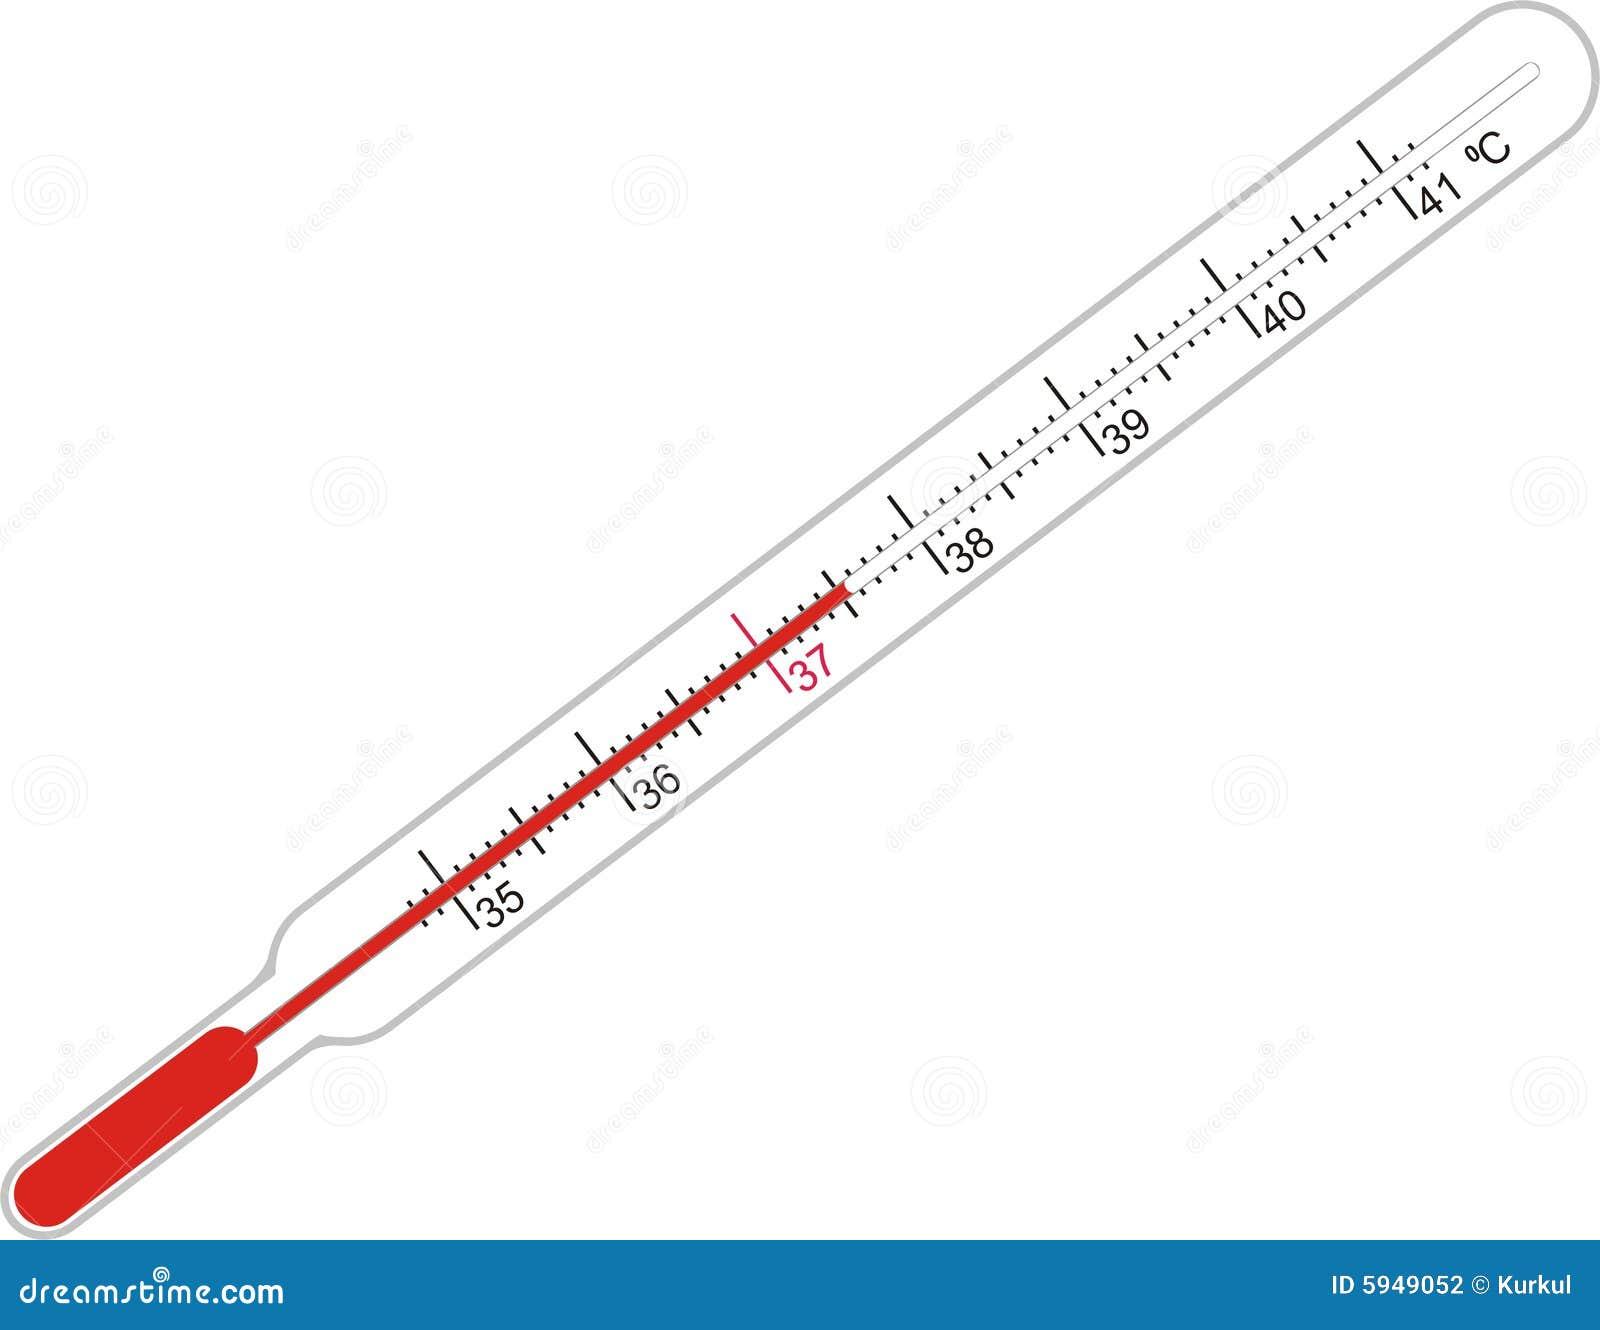 Krankheit Und Thermometer Stockfotografie Bild 5949052